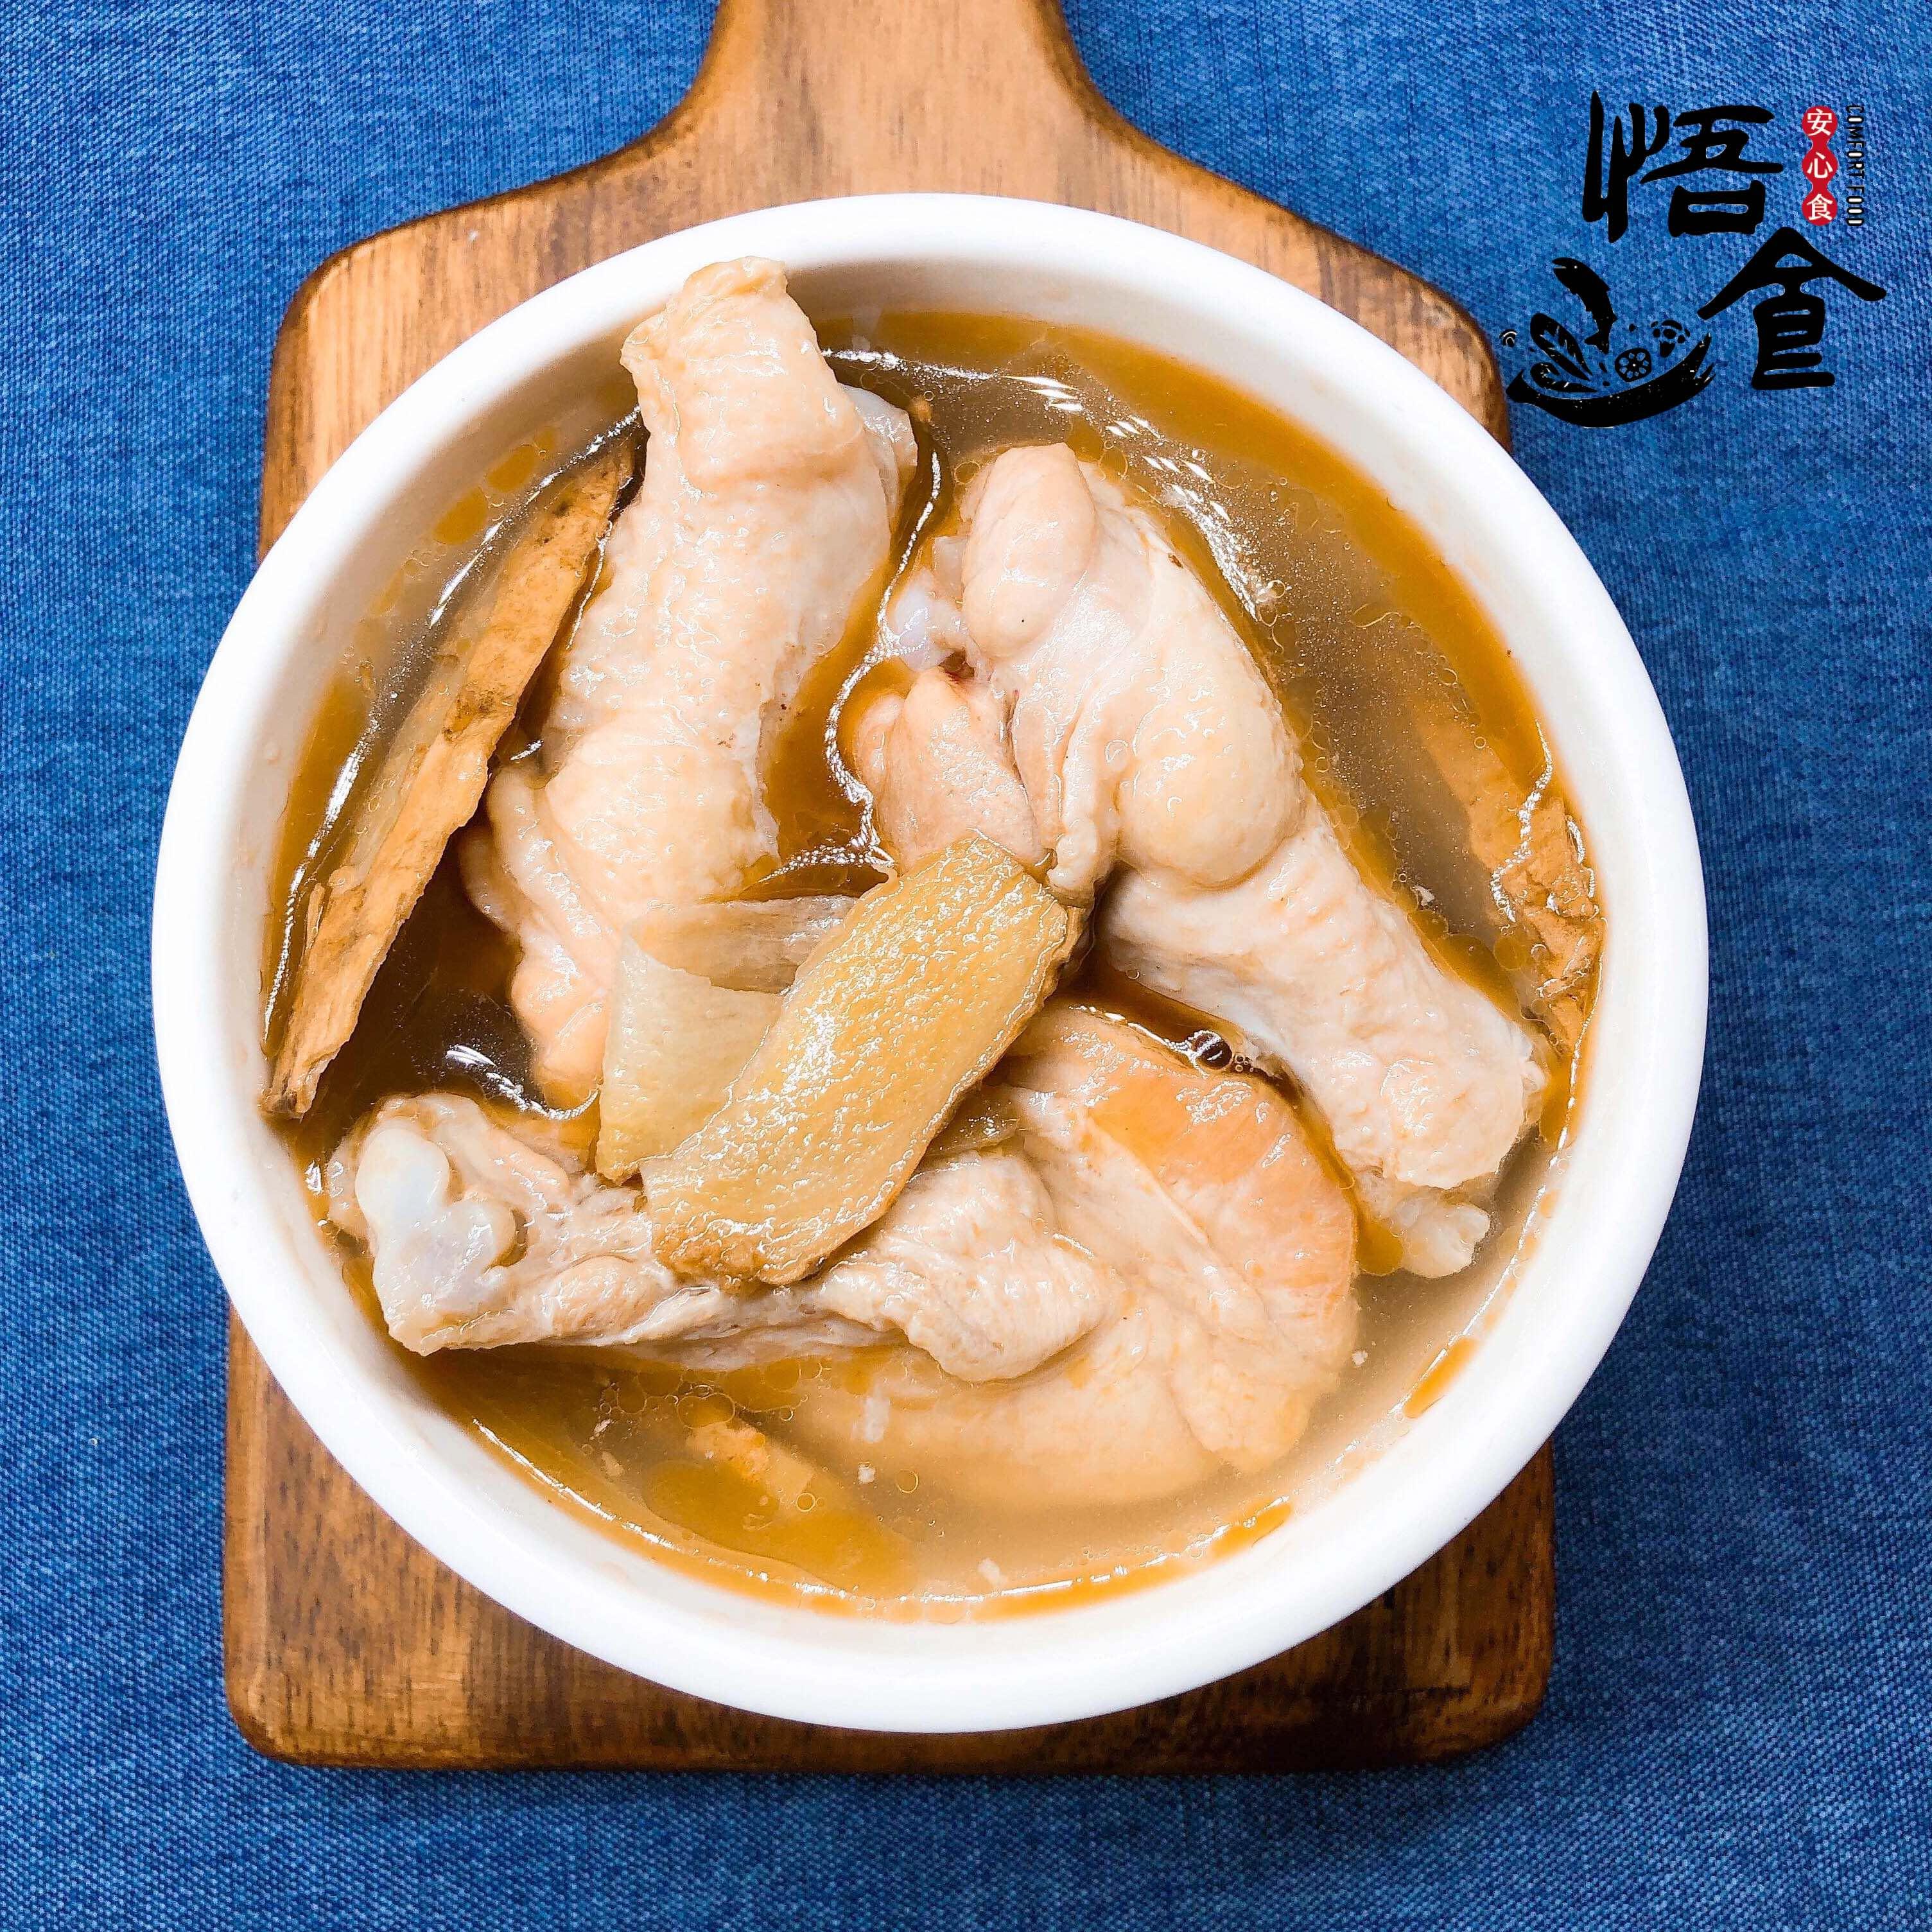 麻油雞湯/蒜頭雞湯(450g/包)4包嚐鮮免運組【悟食安心食】